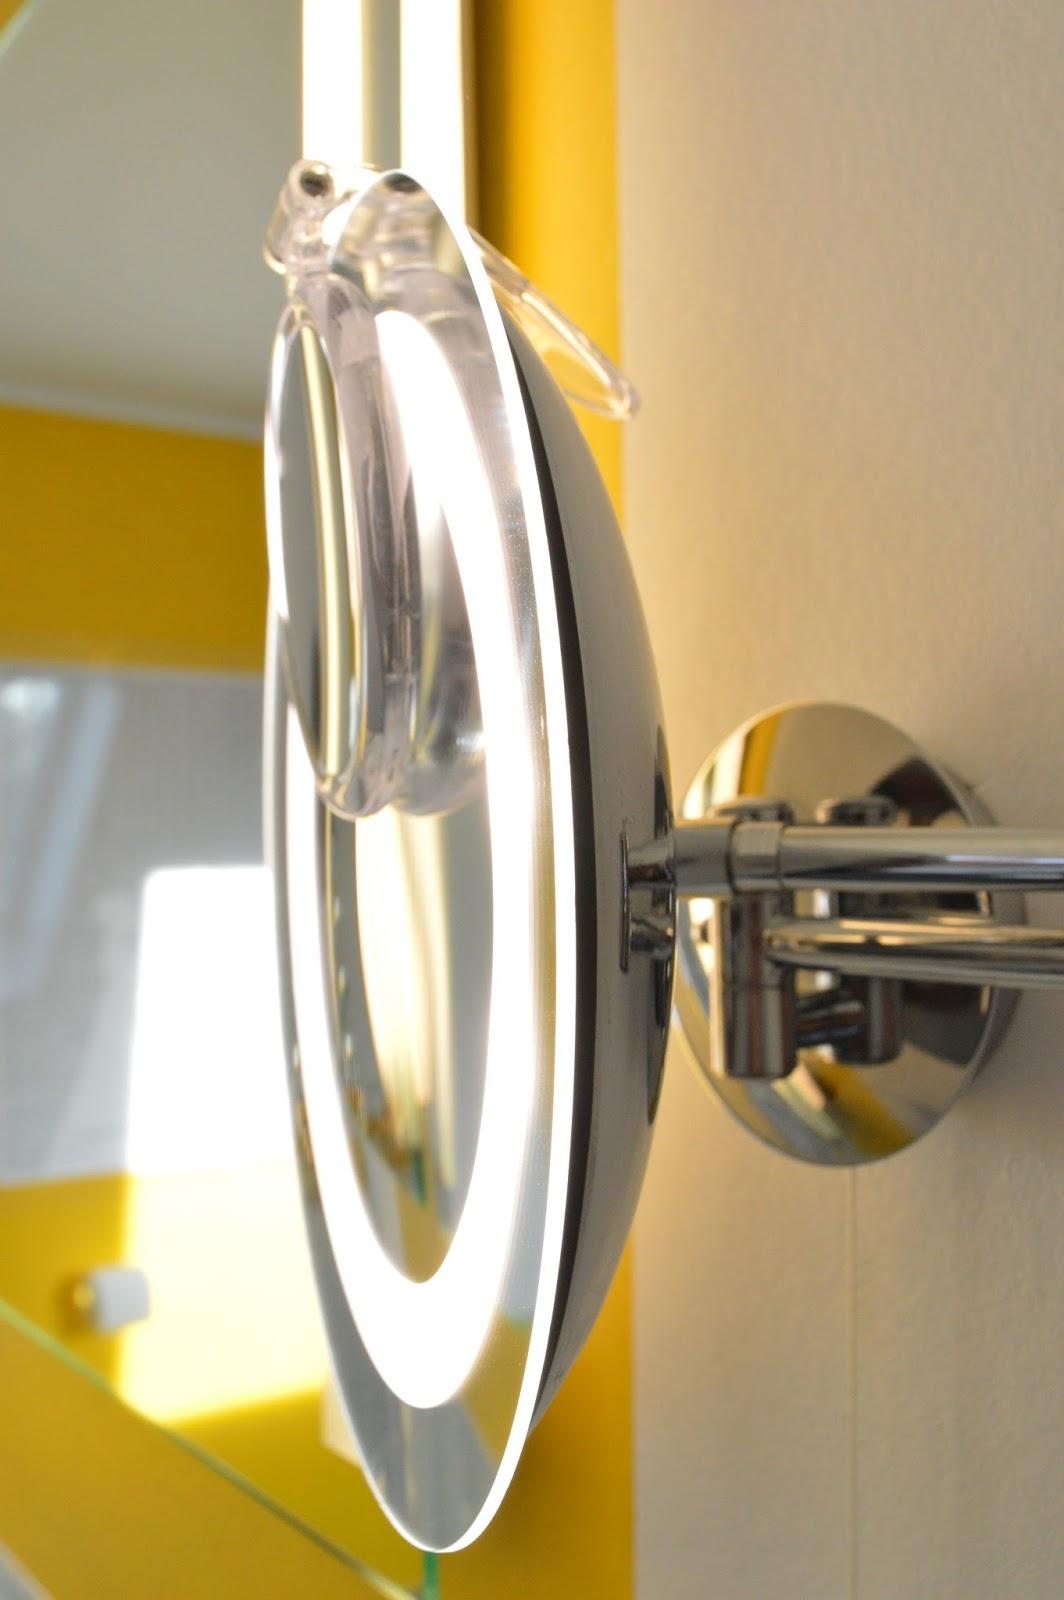 heim elich vergr erungsspiegel. Black Bedroom Furniture Sets. Home Design Ideas